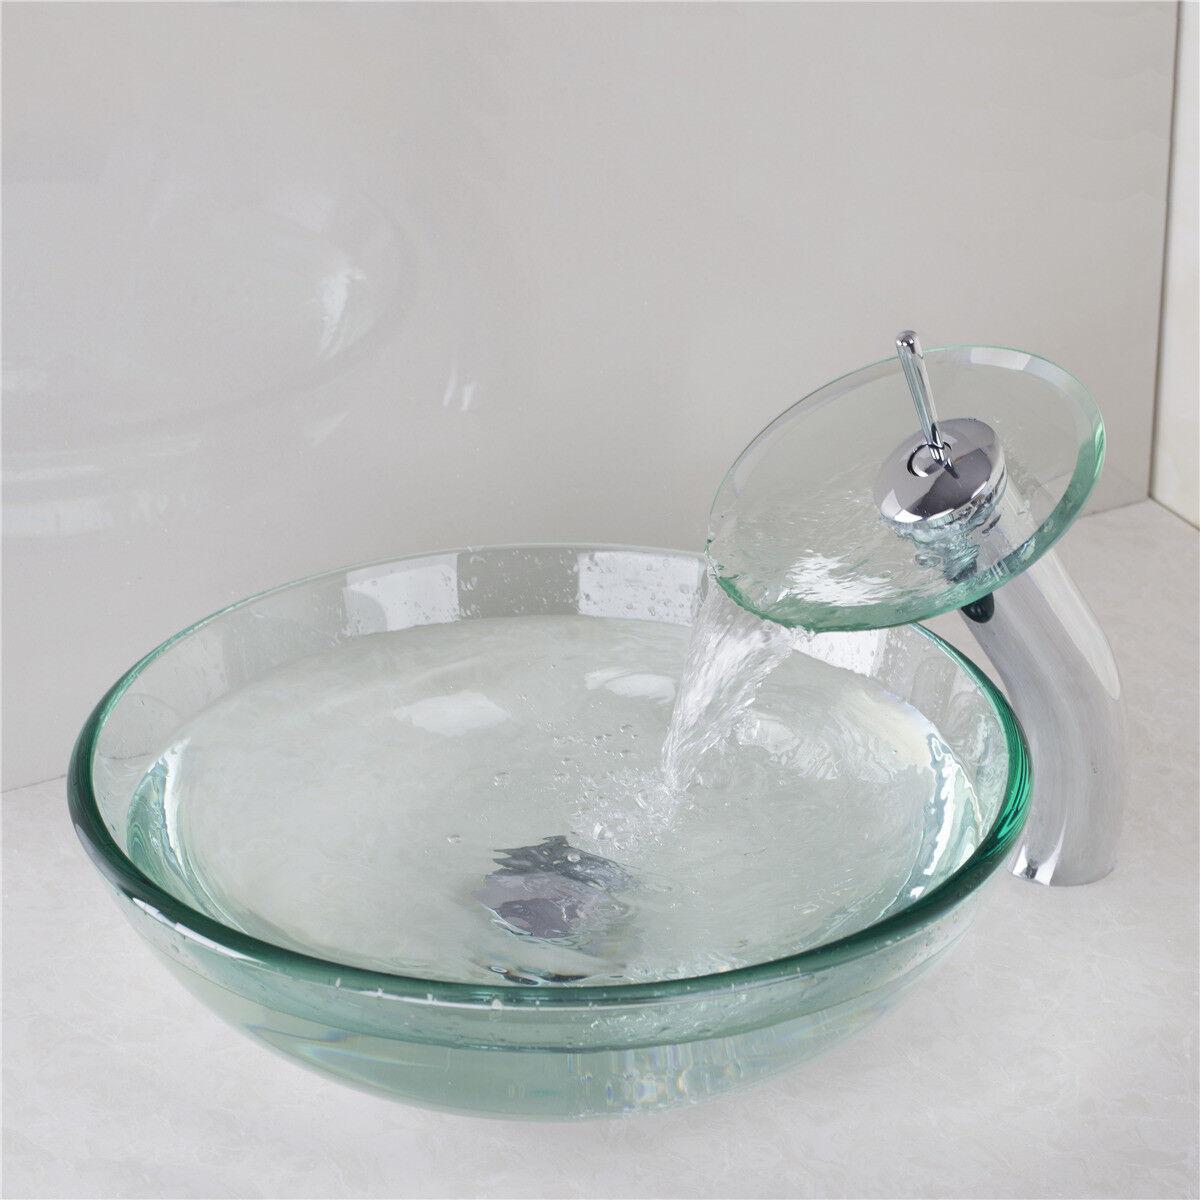 F. de salle de bain navire évier vidange robinet bassin Vanity bol verre Combo Tour Trempé